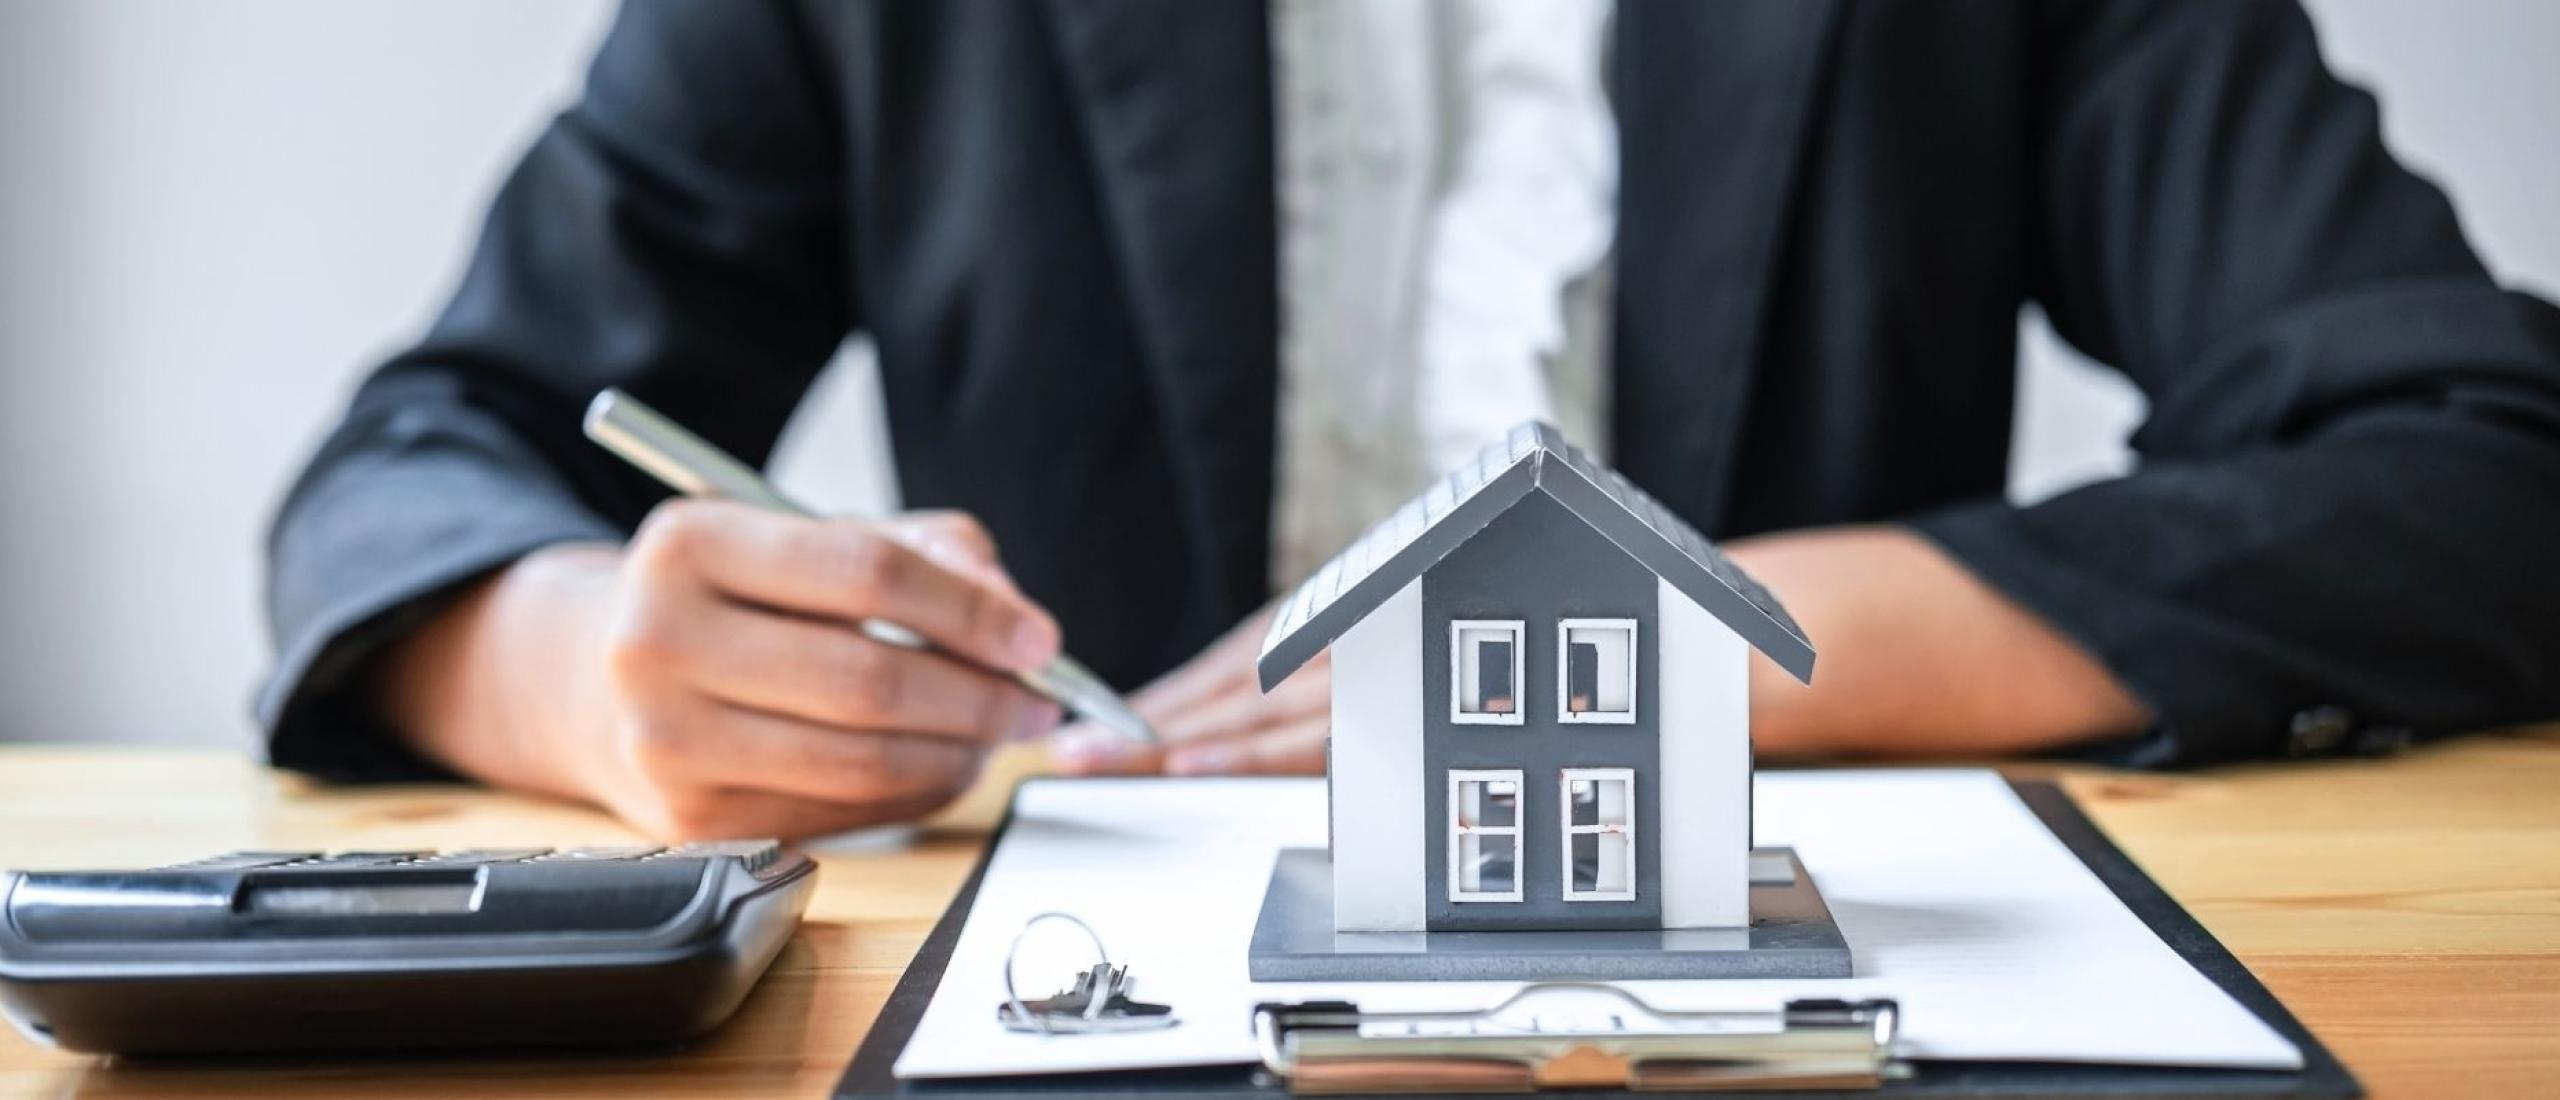 Welke type vastgoed investeerder ben jij?